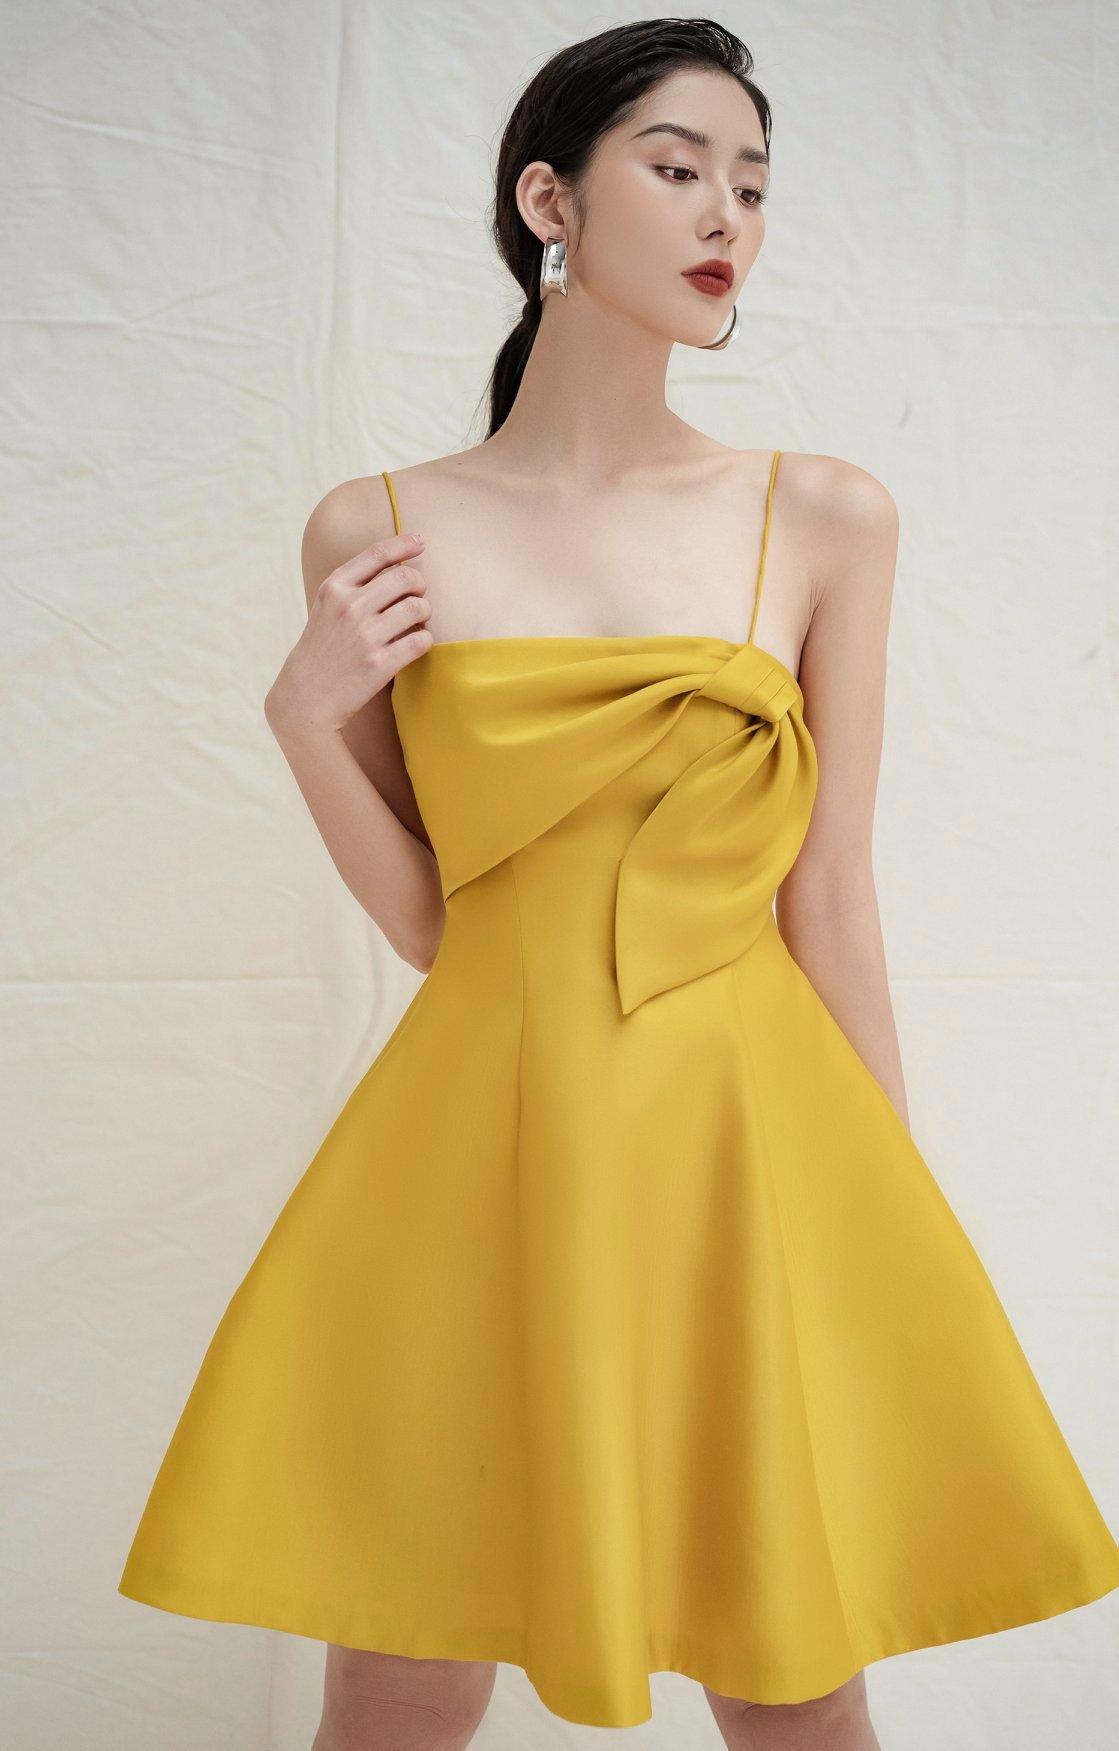 Đầm xoè 2 dây nơ kiểu #2691